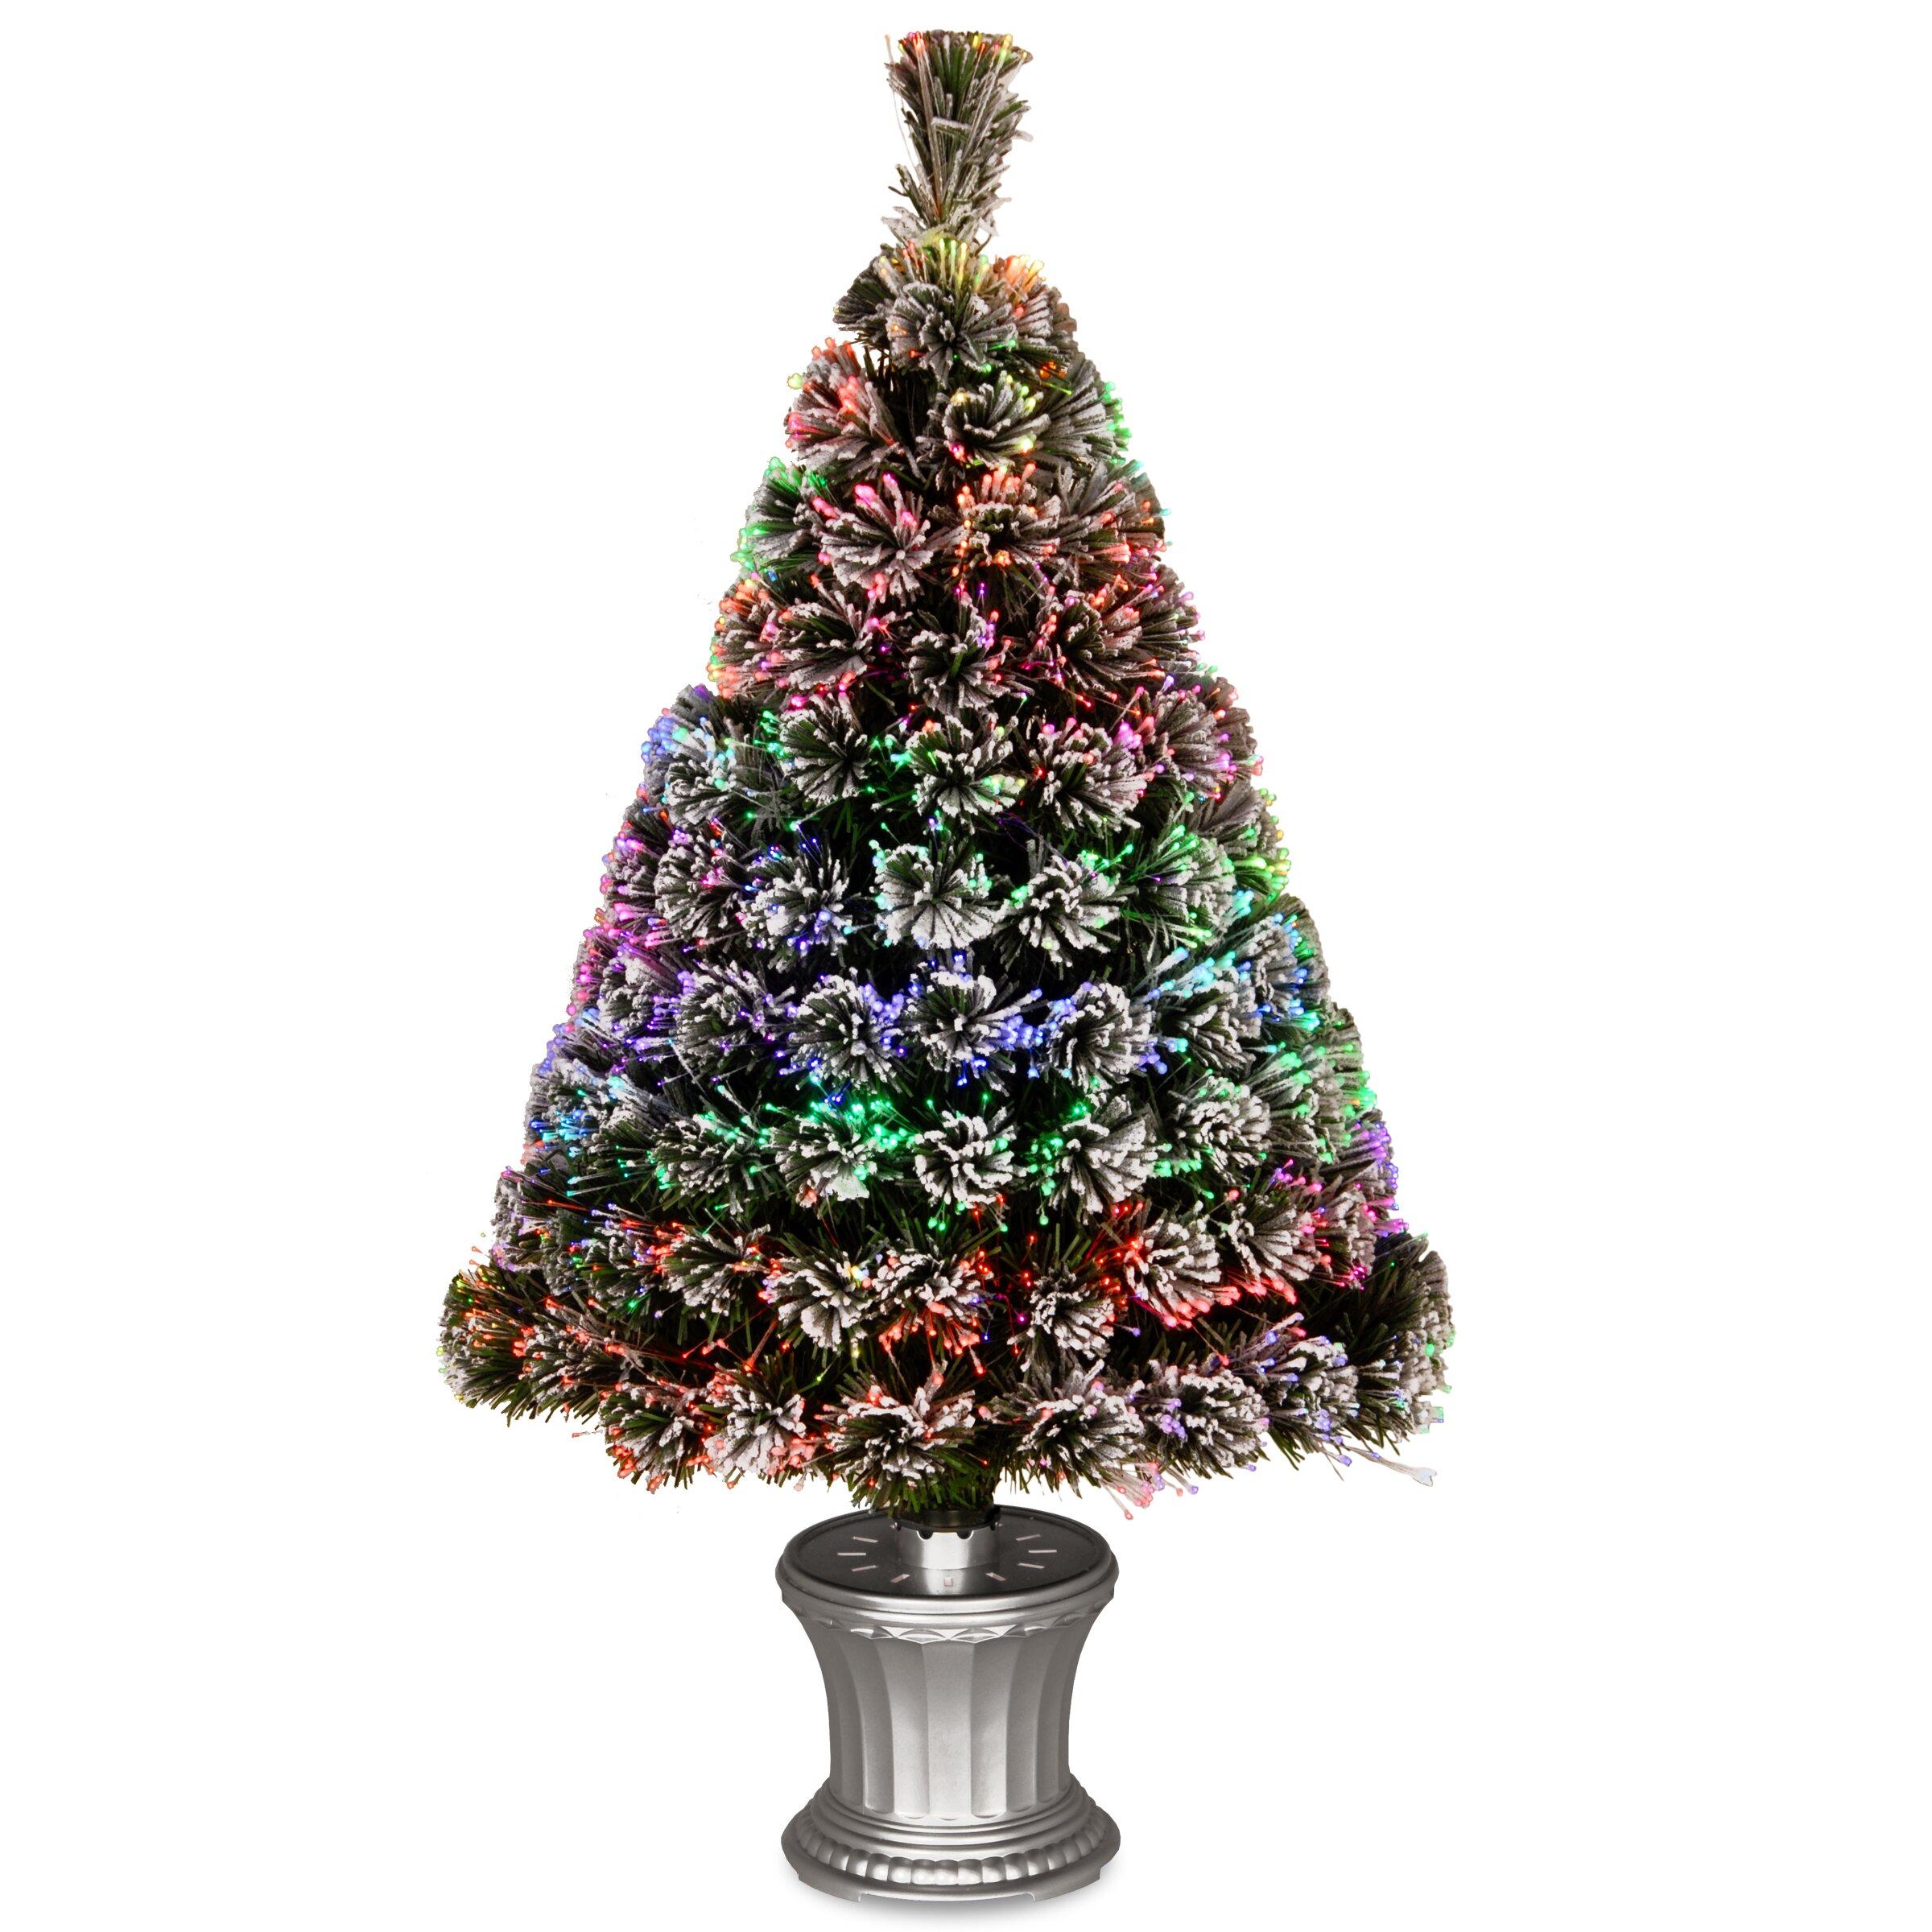 National tree co fiber optics artificial christmas